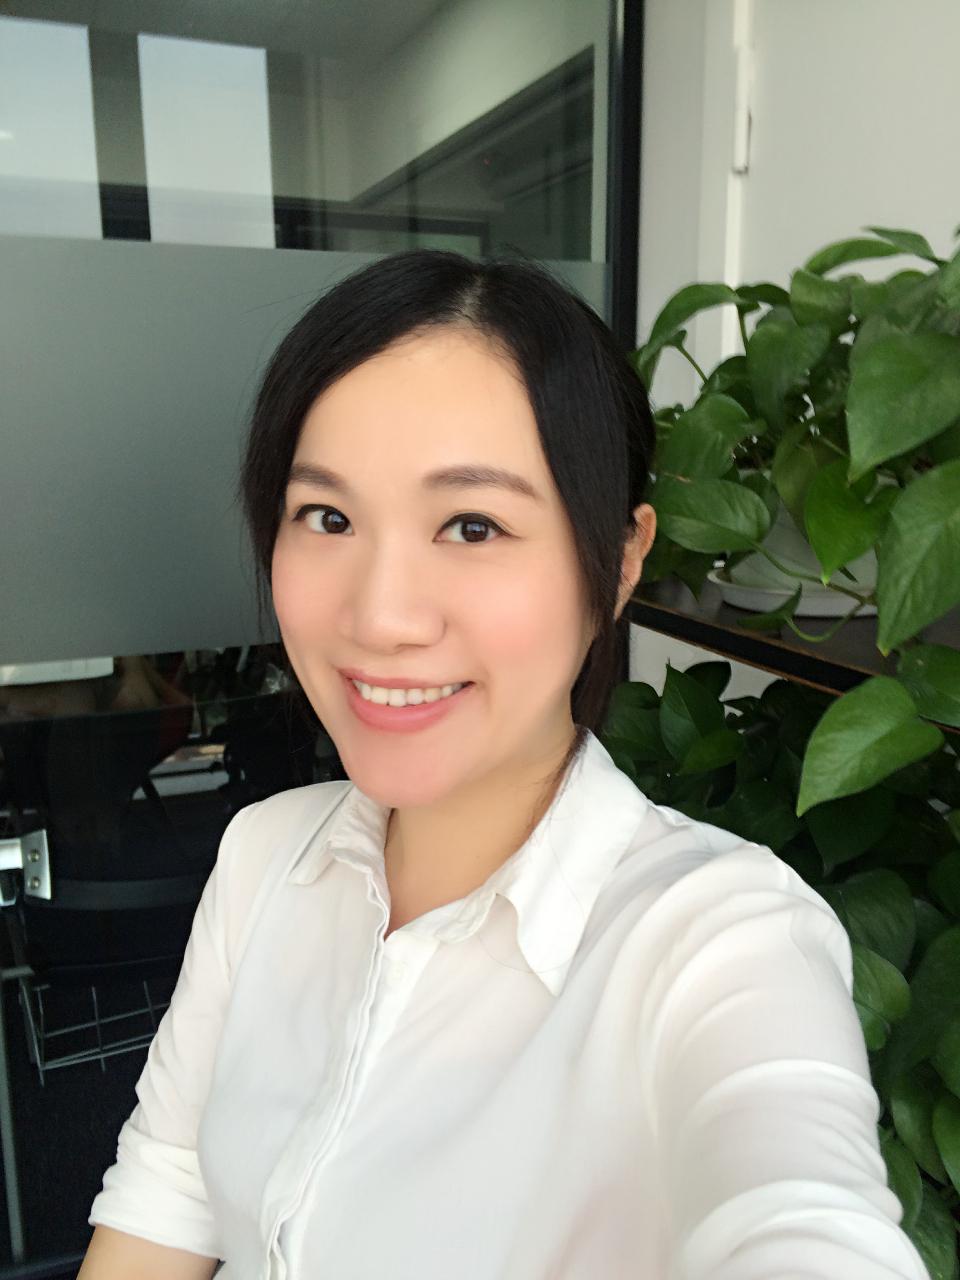 EstherWong